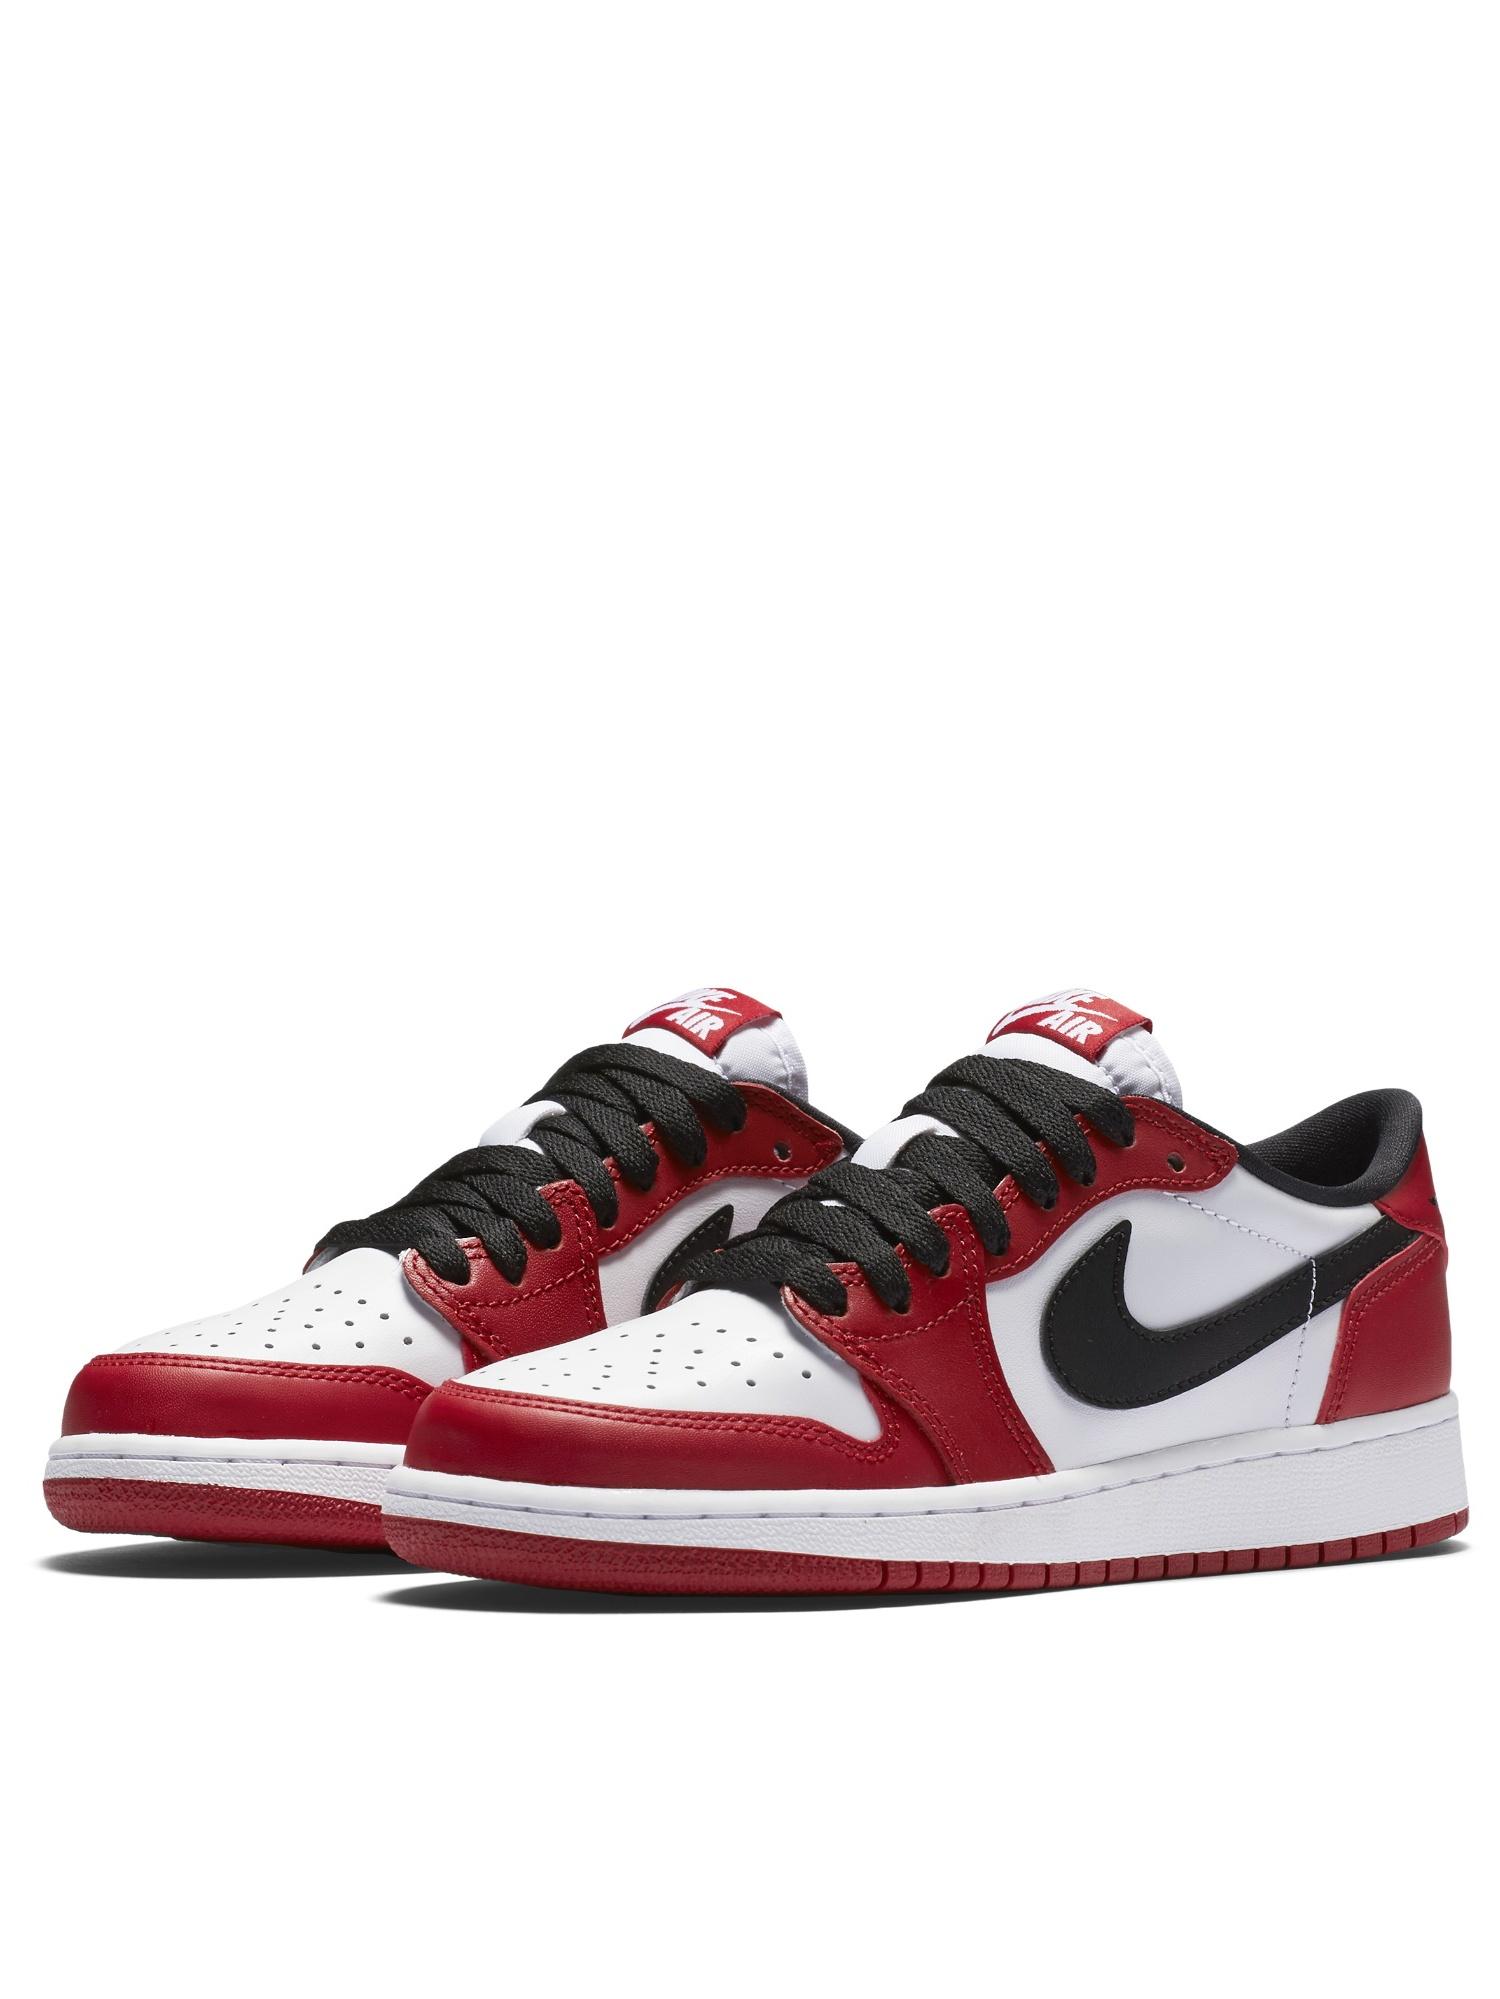 buy popular 61da4 940c5 ... where to buy air jordan 1 retro low og bg boys grade schl sneakers  709999 600